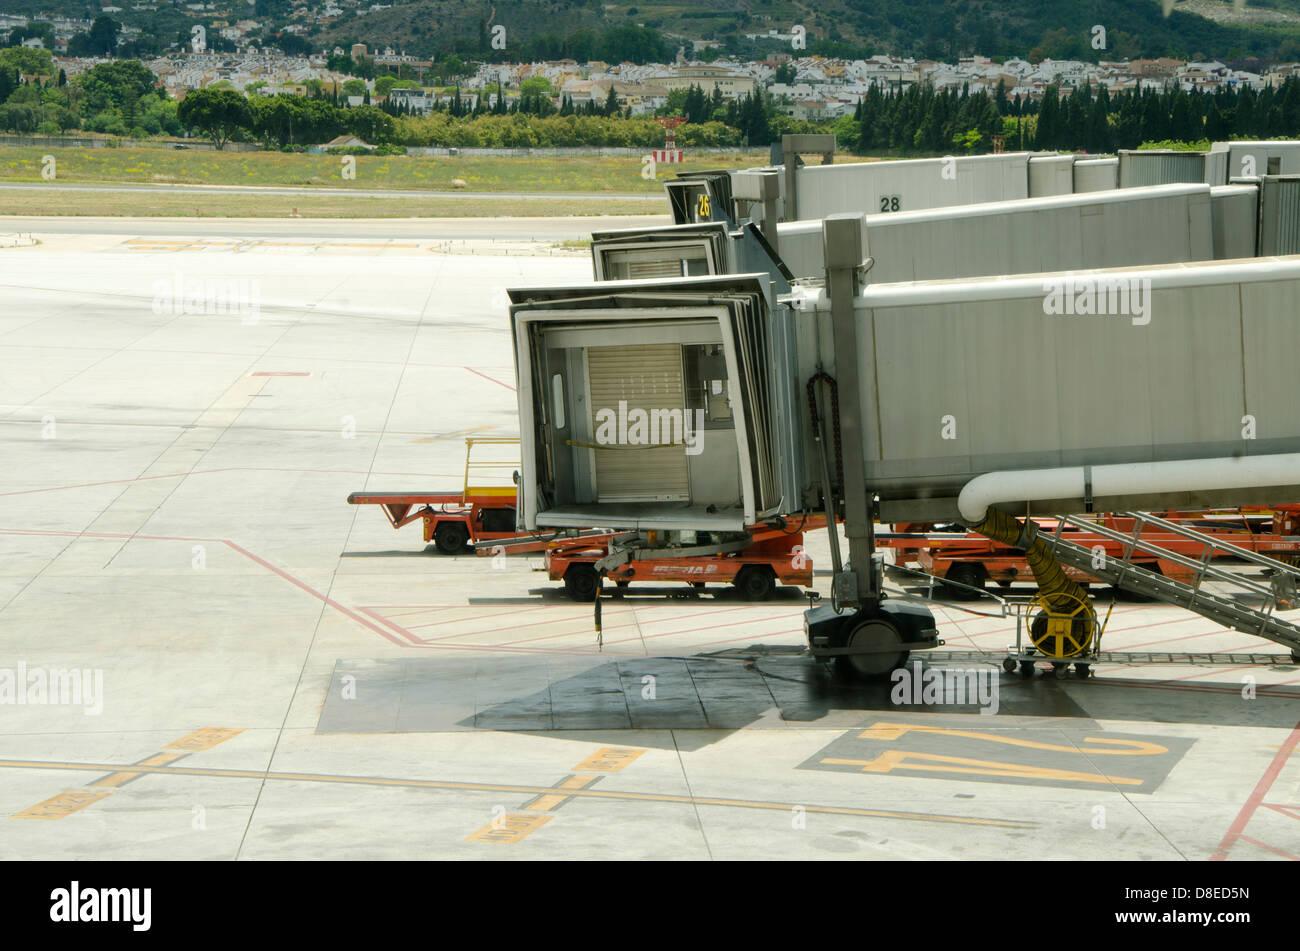 Boarding bridges to embark at airport of Malaga, Costa del Sol, Spain. - Stock Image